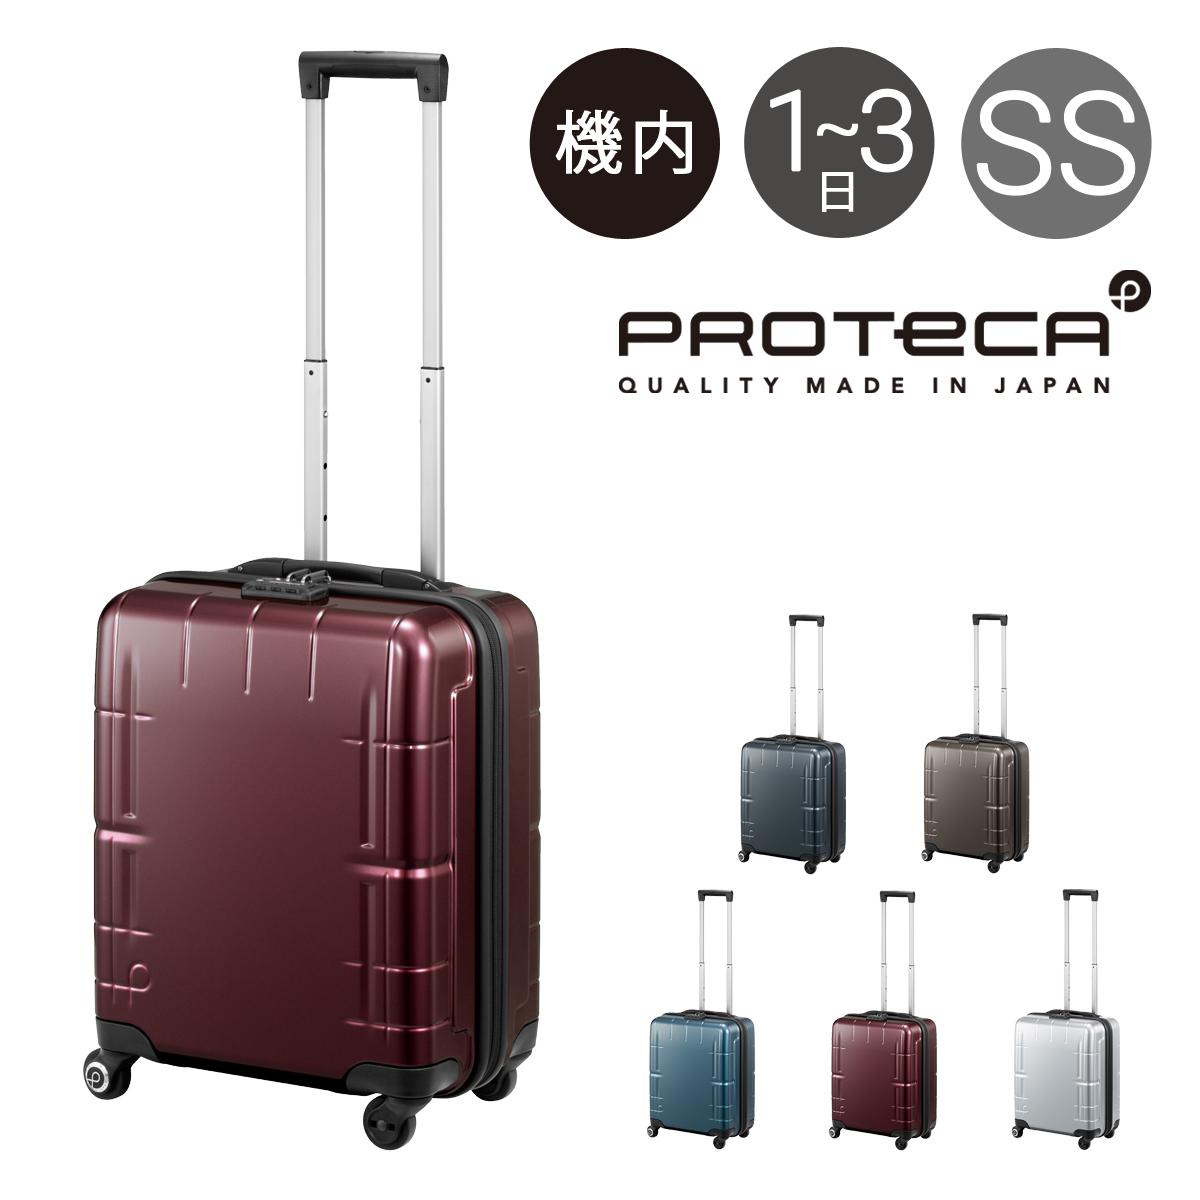 プロテカ スーツケース 機内持ち込み 37L 45cm 3.1kg スタリアVs 02951 日本製 PROTECA ハード ファスナー キャリーバッグ キャリーケース 軽量 ストッパー付き 静音 TSAロック搭載 3年保証[PO10][bef]